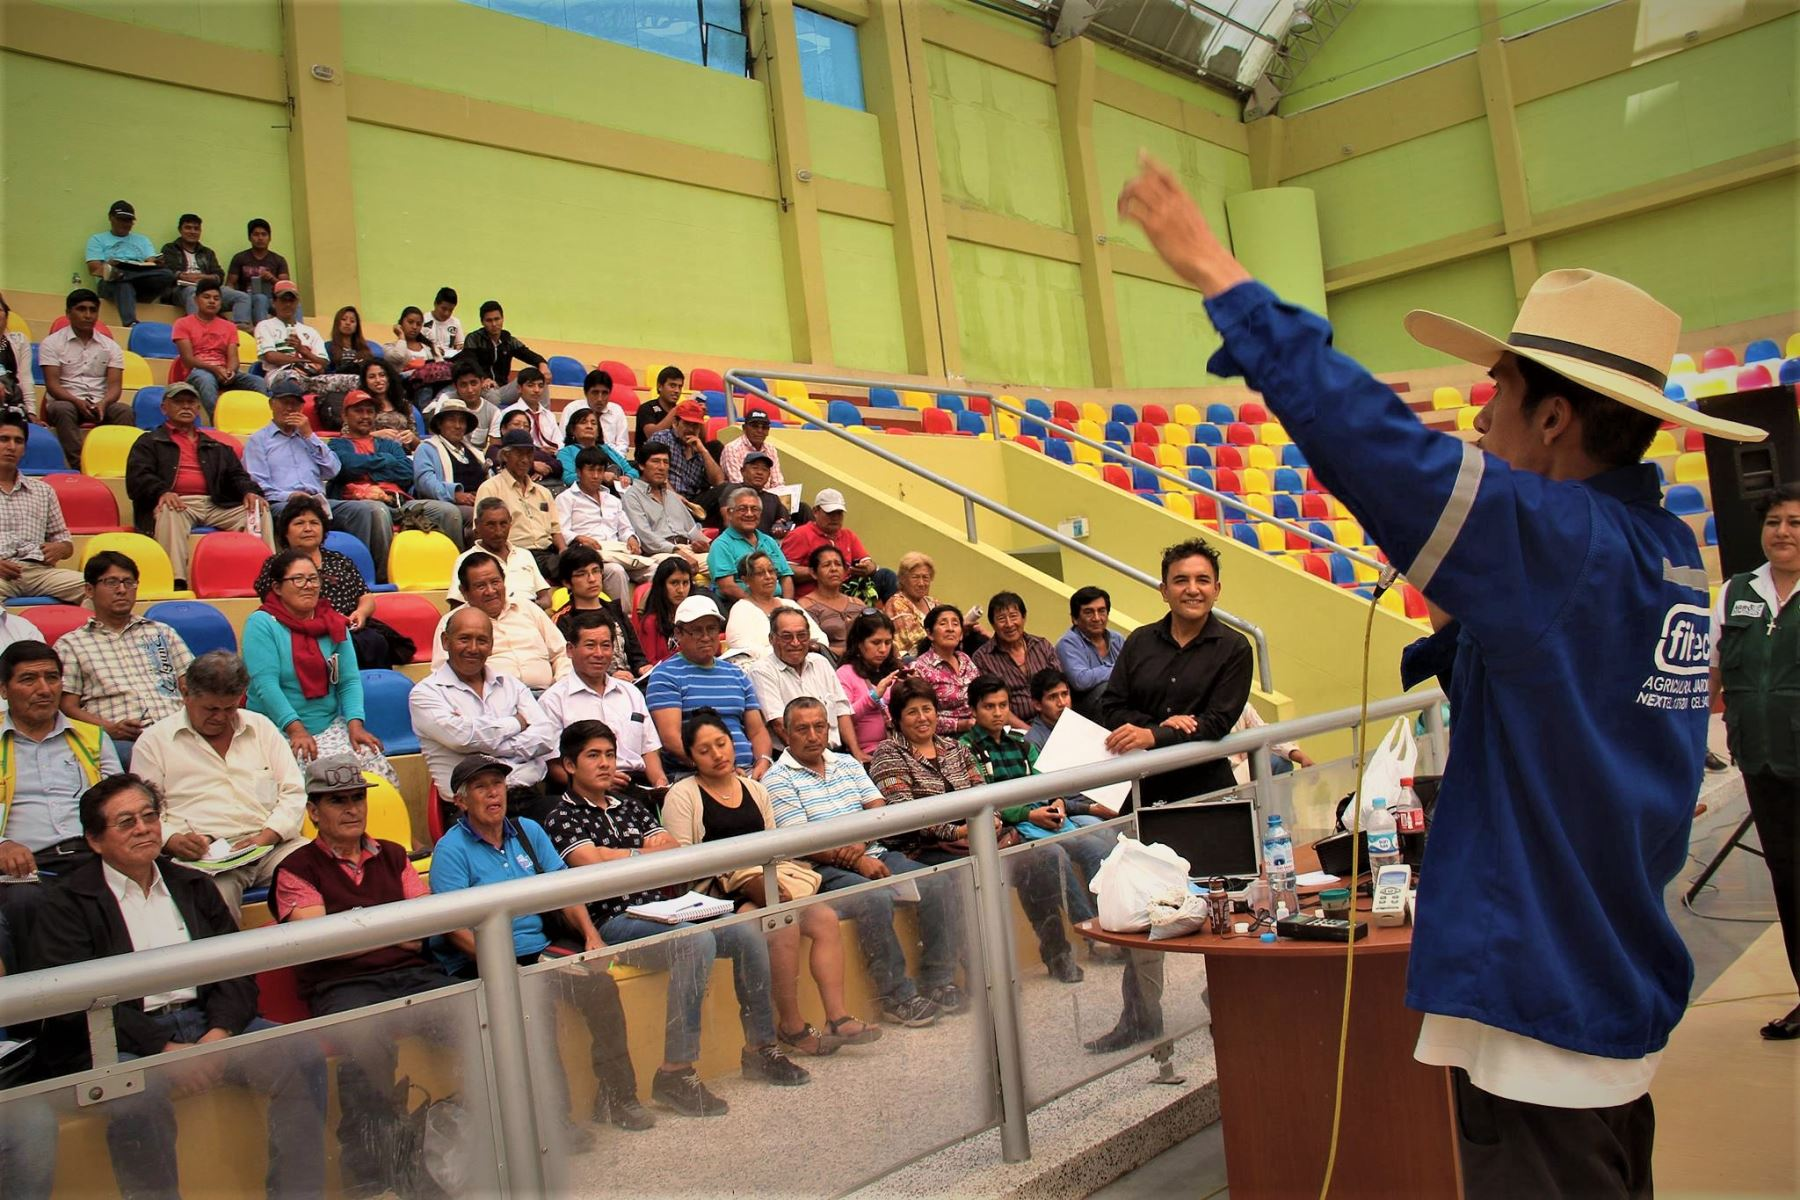 La charla tendrá lugar el 9, 10 y 11 de enero de este año desde las 17:00 horas en las instalaciones de la institución educativa Juan Valer Sandoval en Nuevo Chimbote.